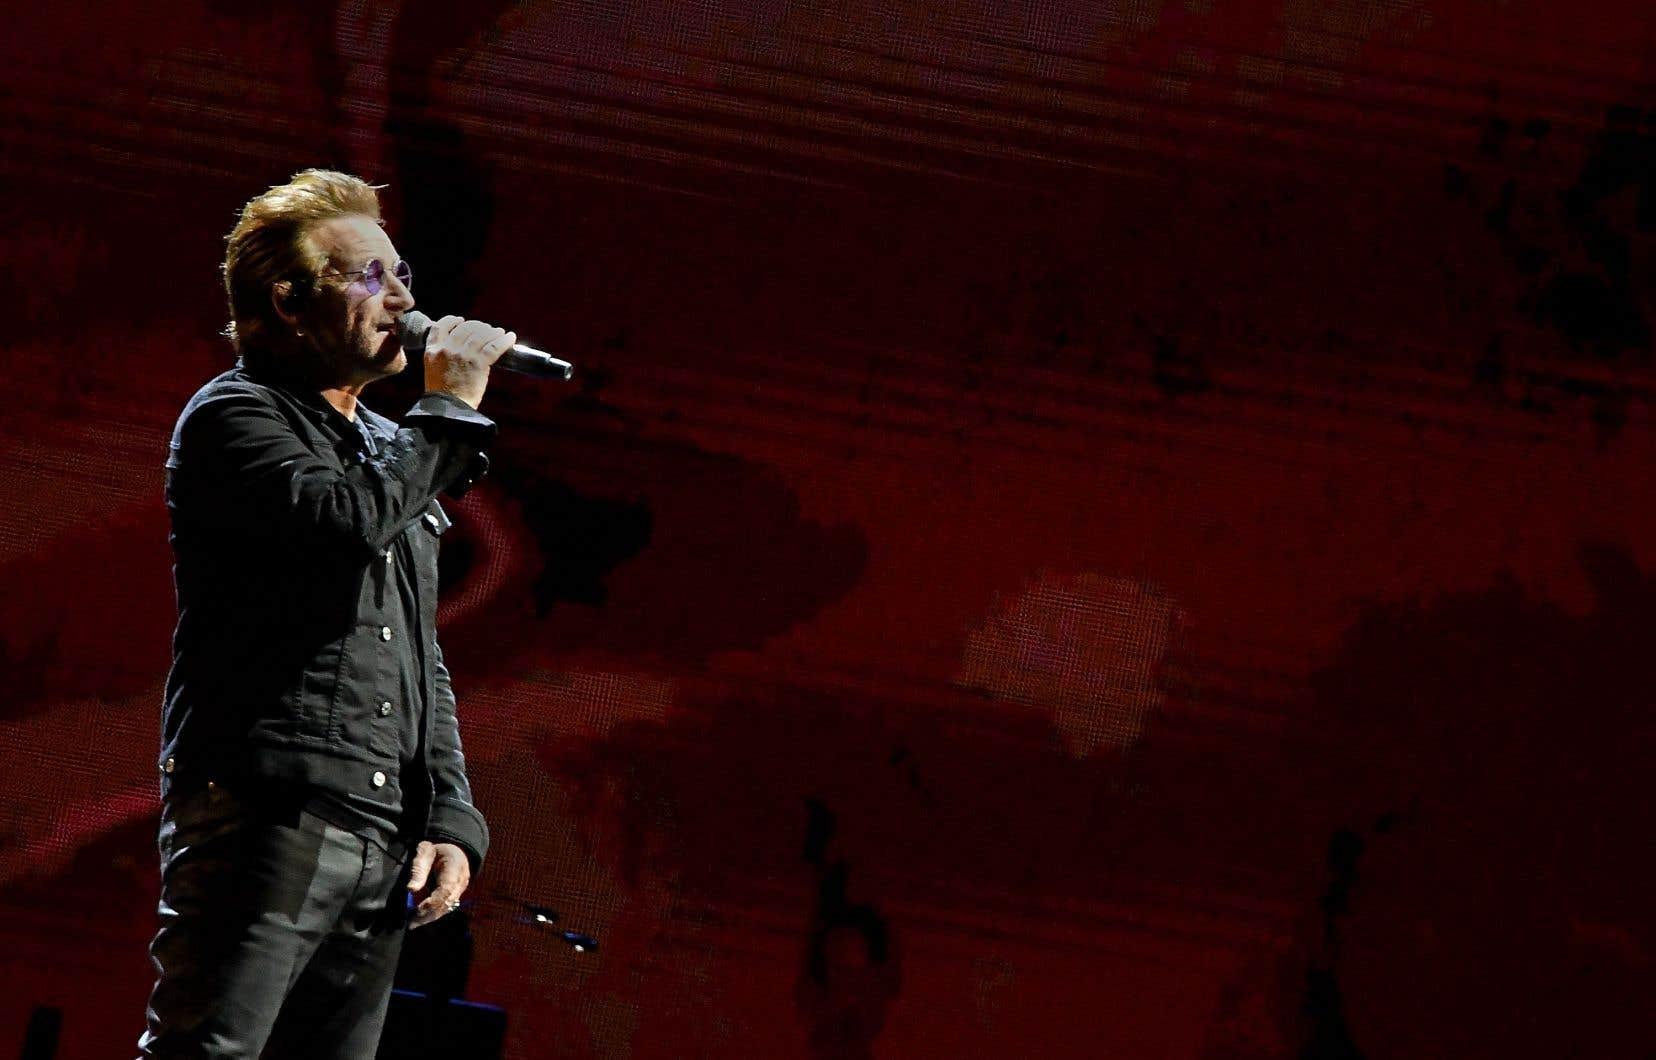 Les révélations des Paradise Papers concernent également des personnalités du monde sportif ou artistique, comme Bono, chanteur de U2.